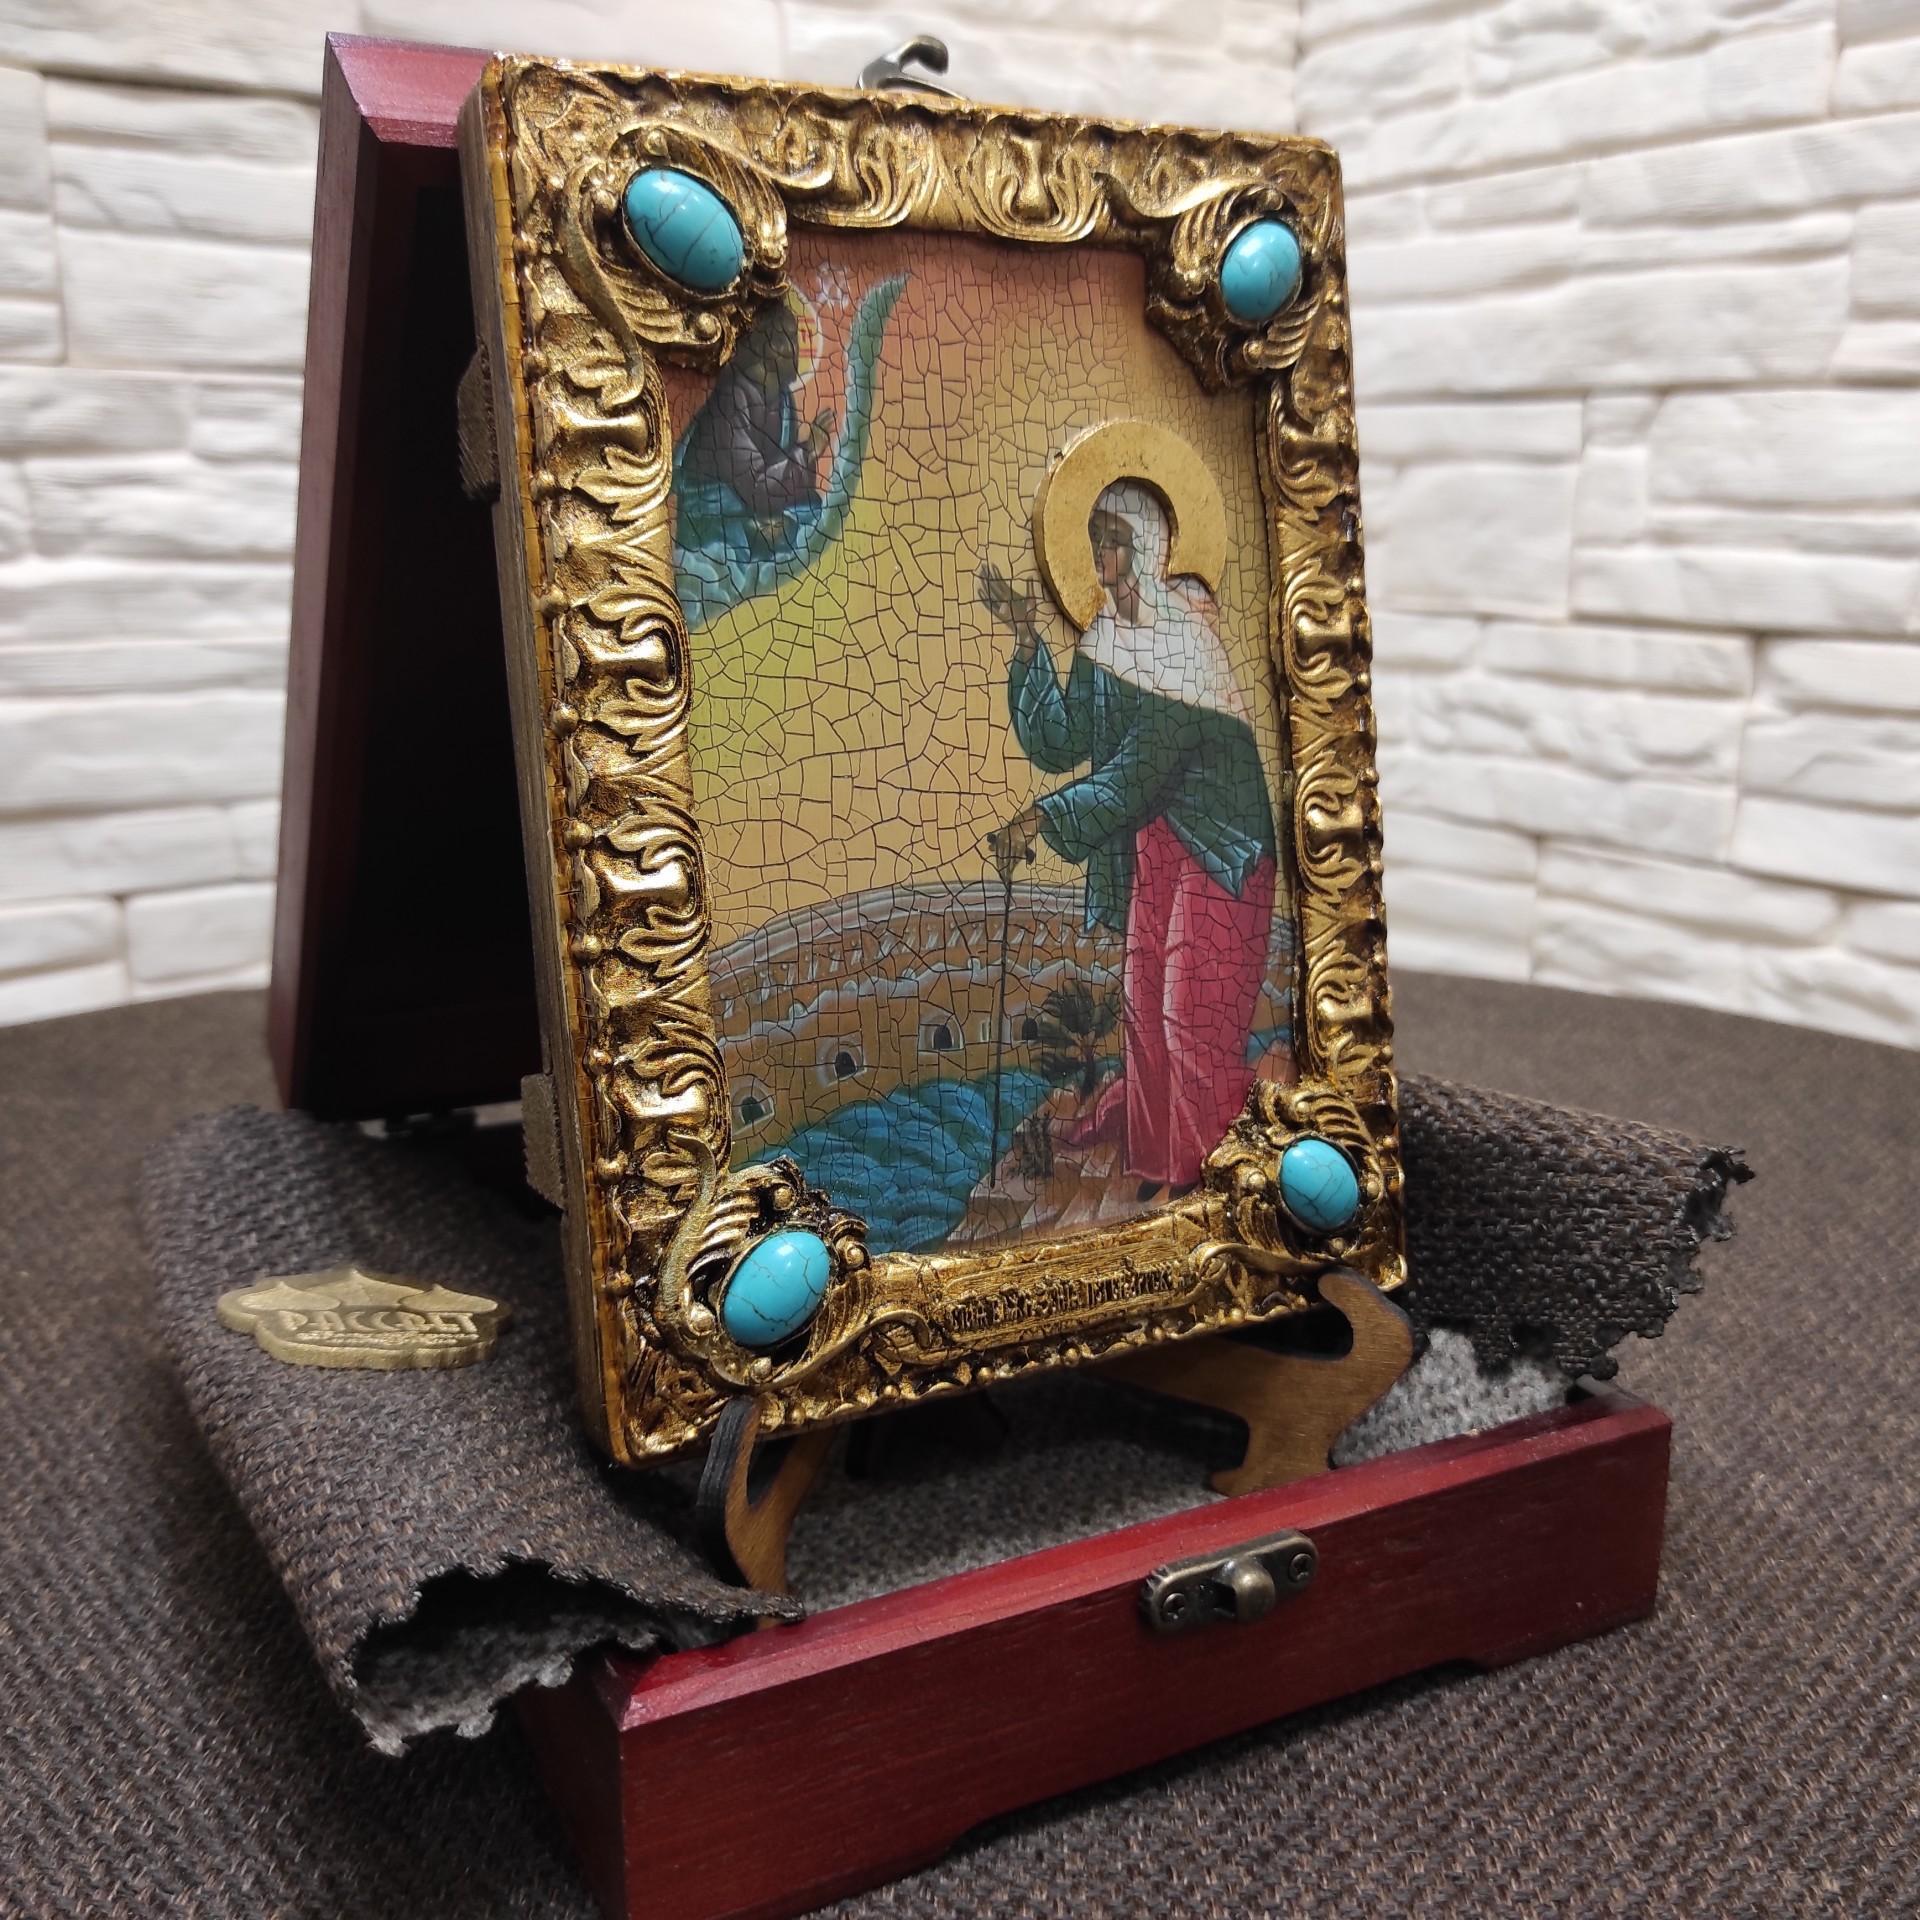 Фото иконы Ксения Петербургская, святая блаженная, подарочная в футляре